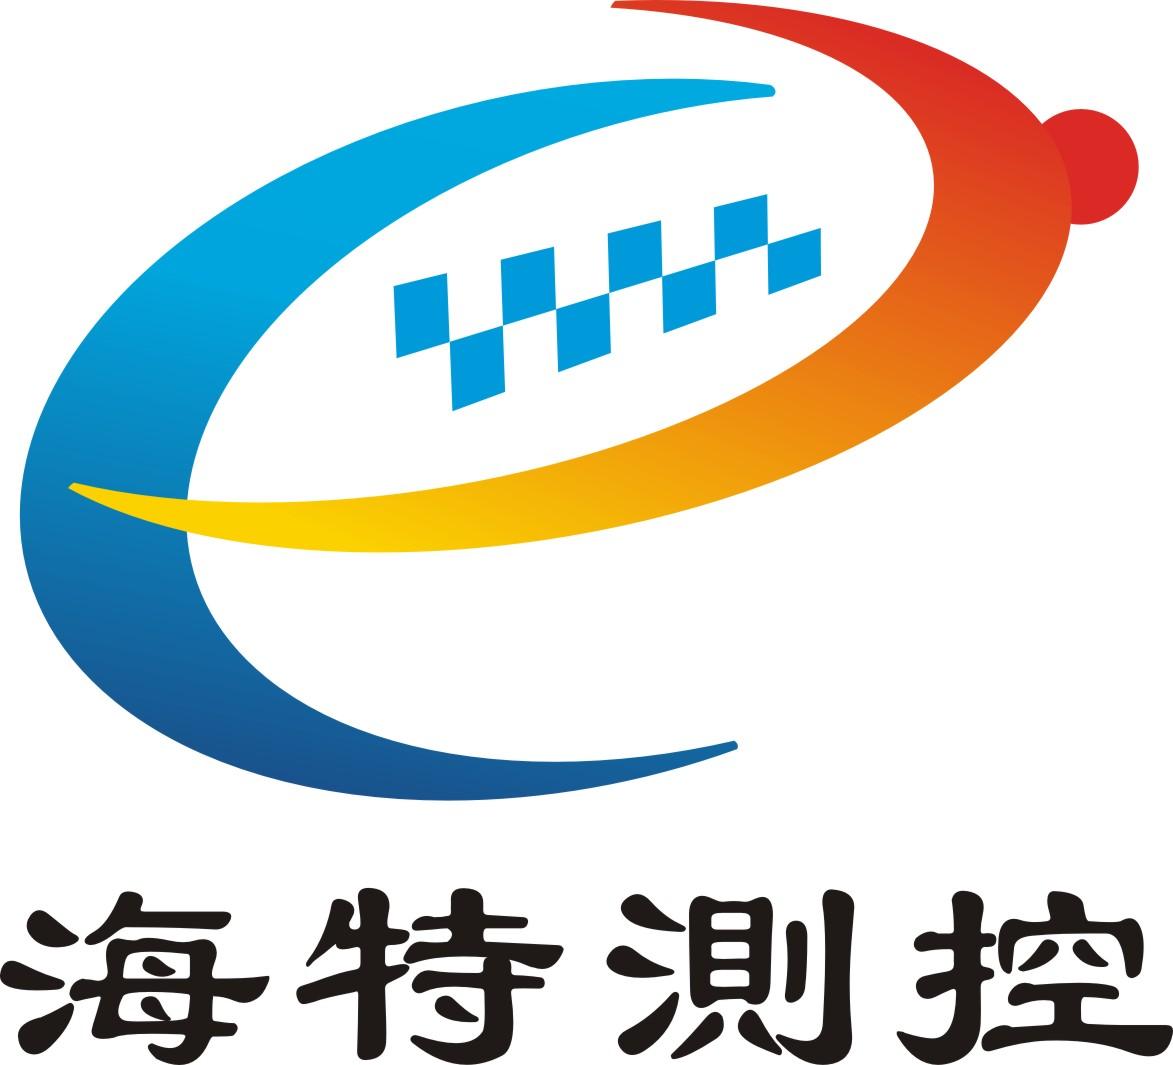 襄阳海特测控技术有限公司